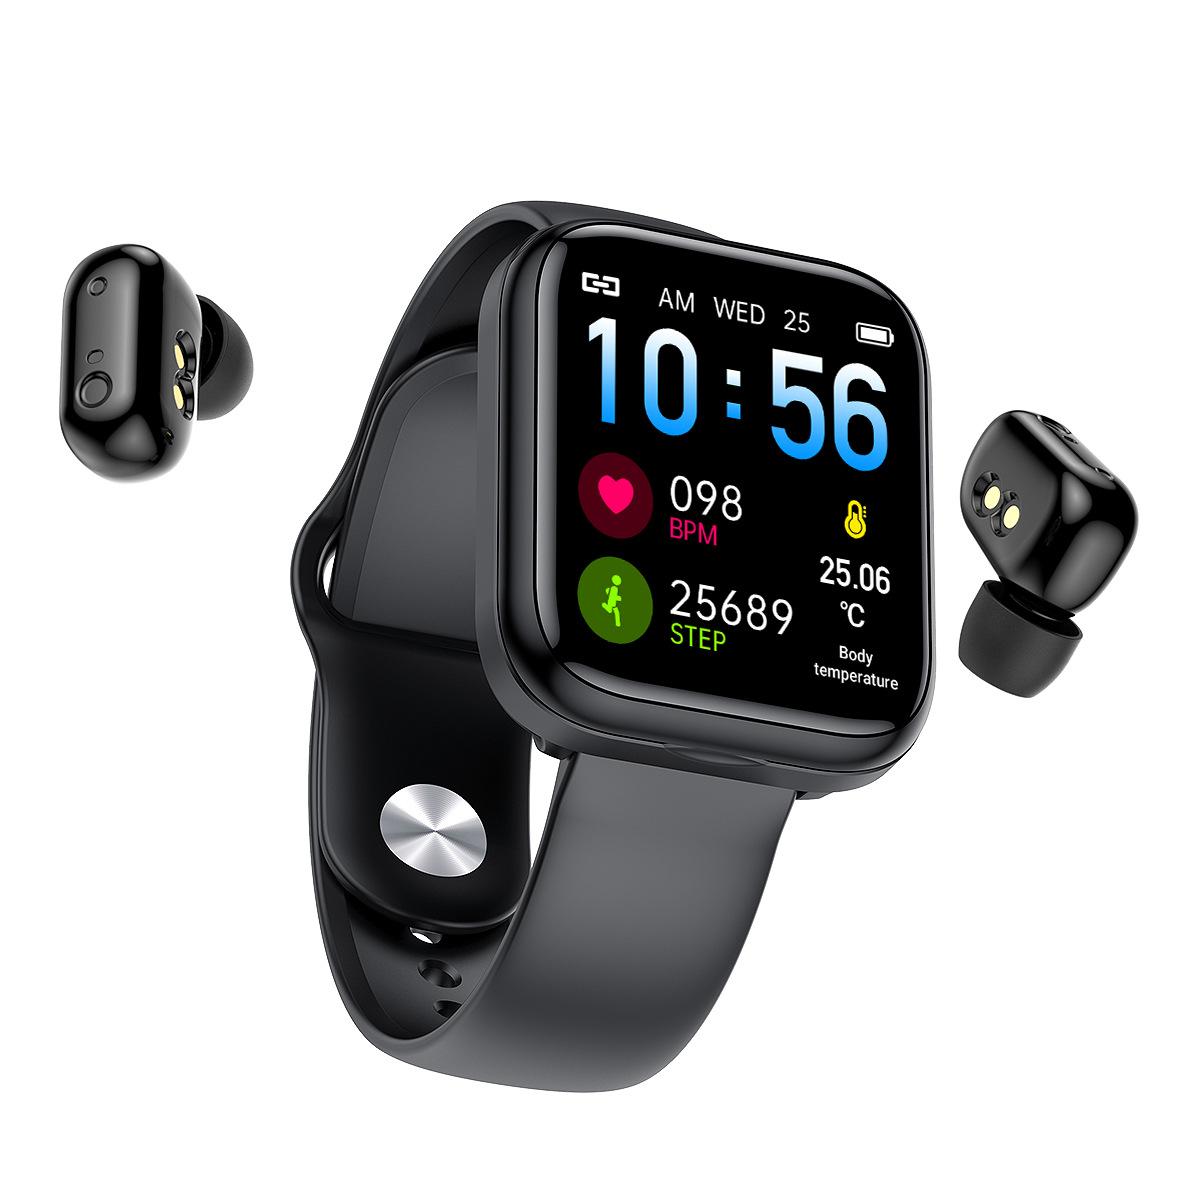 Đồng hồ Thông minh | Tai nghe Bluetooth | Điện thoại Nghe nhạc Luyện tập Thể thao Theo dõi Sức khỏe Vận Động Đo huyết áp Nhịp tim AMA Watch X5 Chính hãng